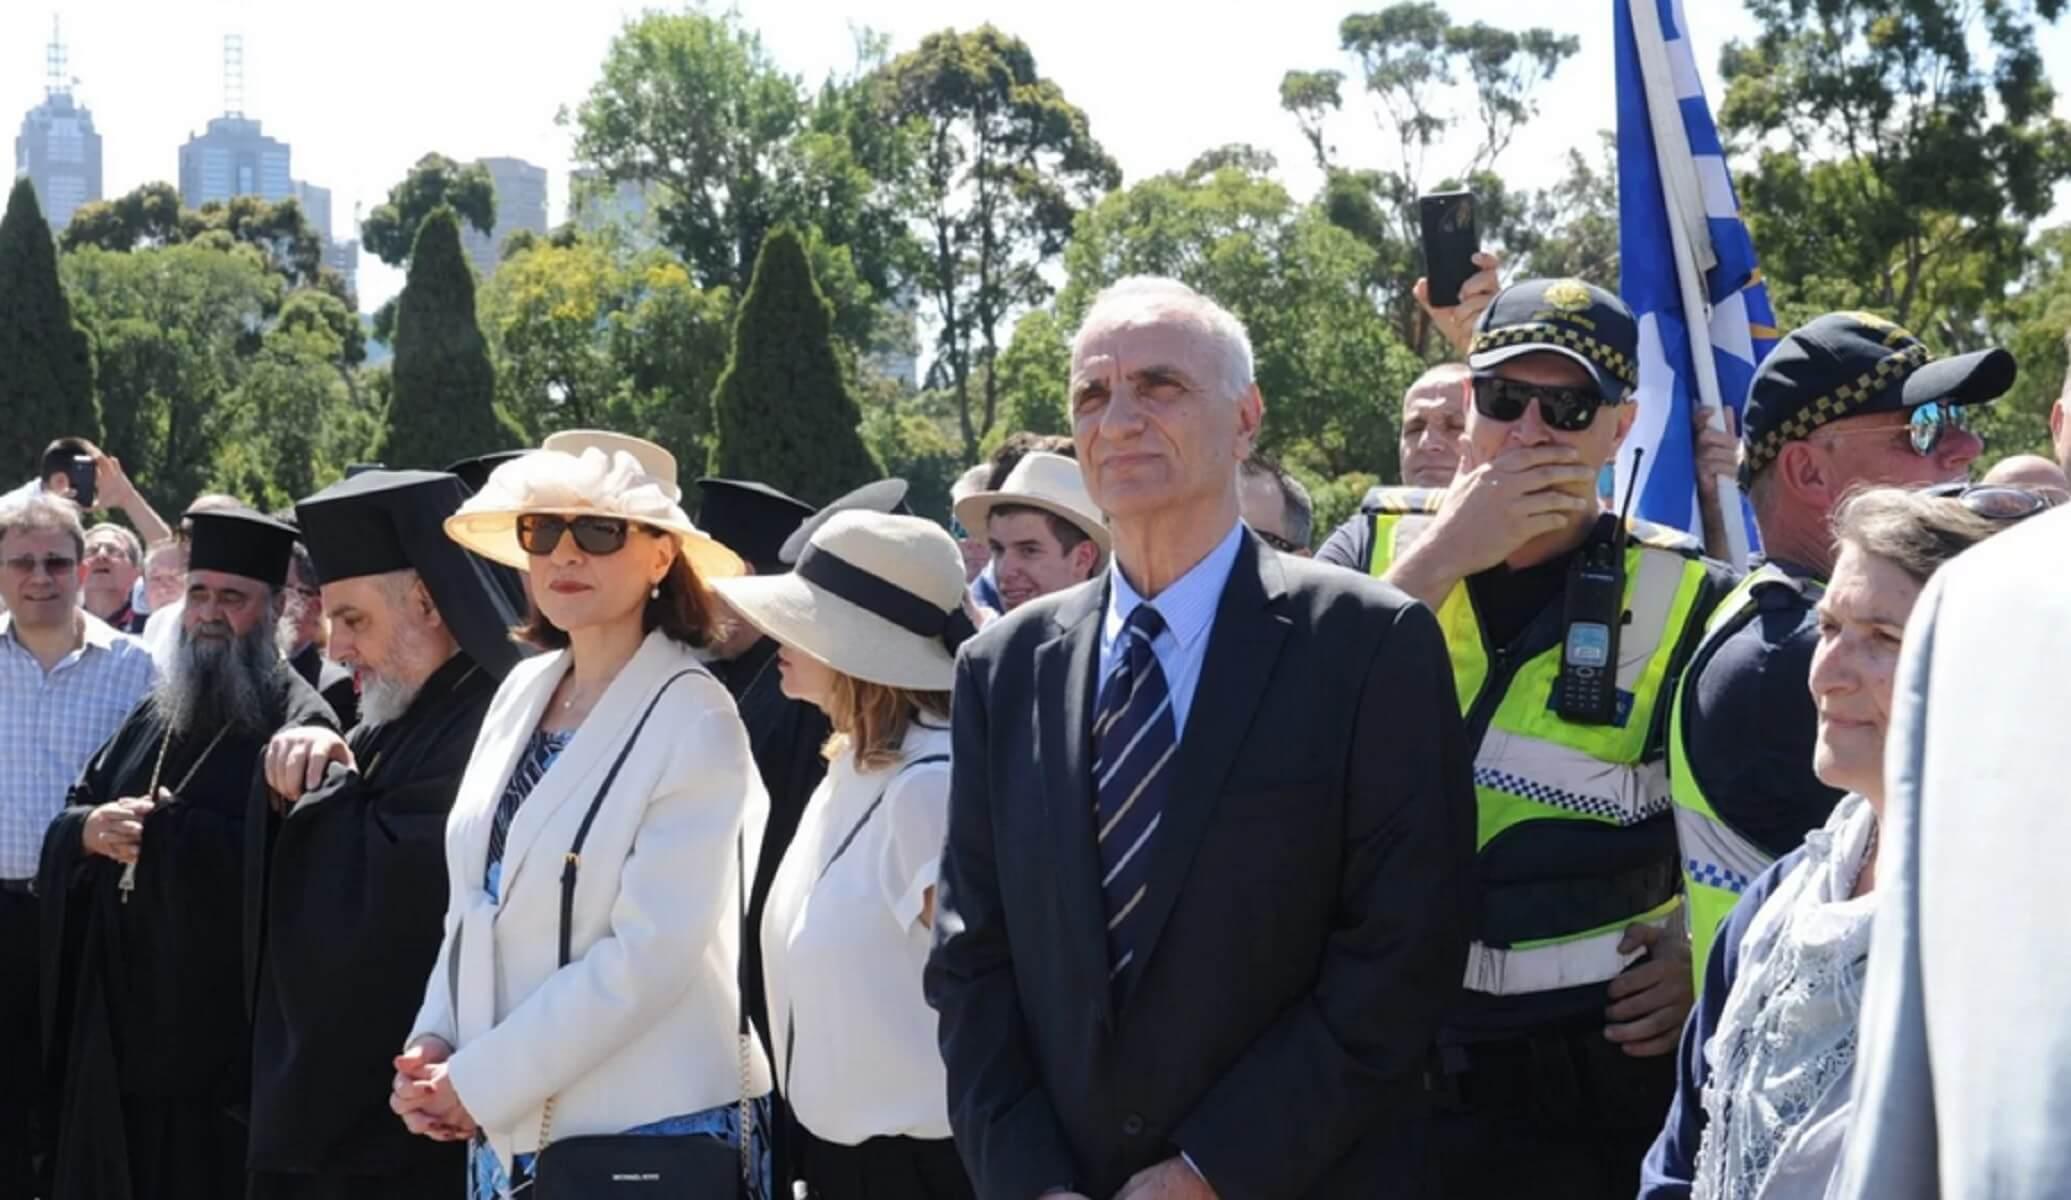 """Αποδοκίμασαν τον Βαρεμένο στην Αυστραλία! Φώναζαν """"προδότη"""" και """"αλήτη"""""""